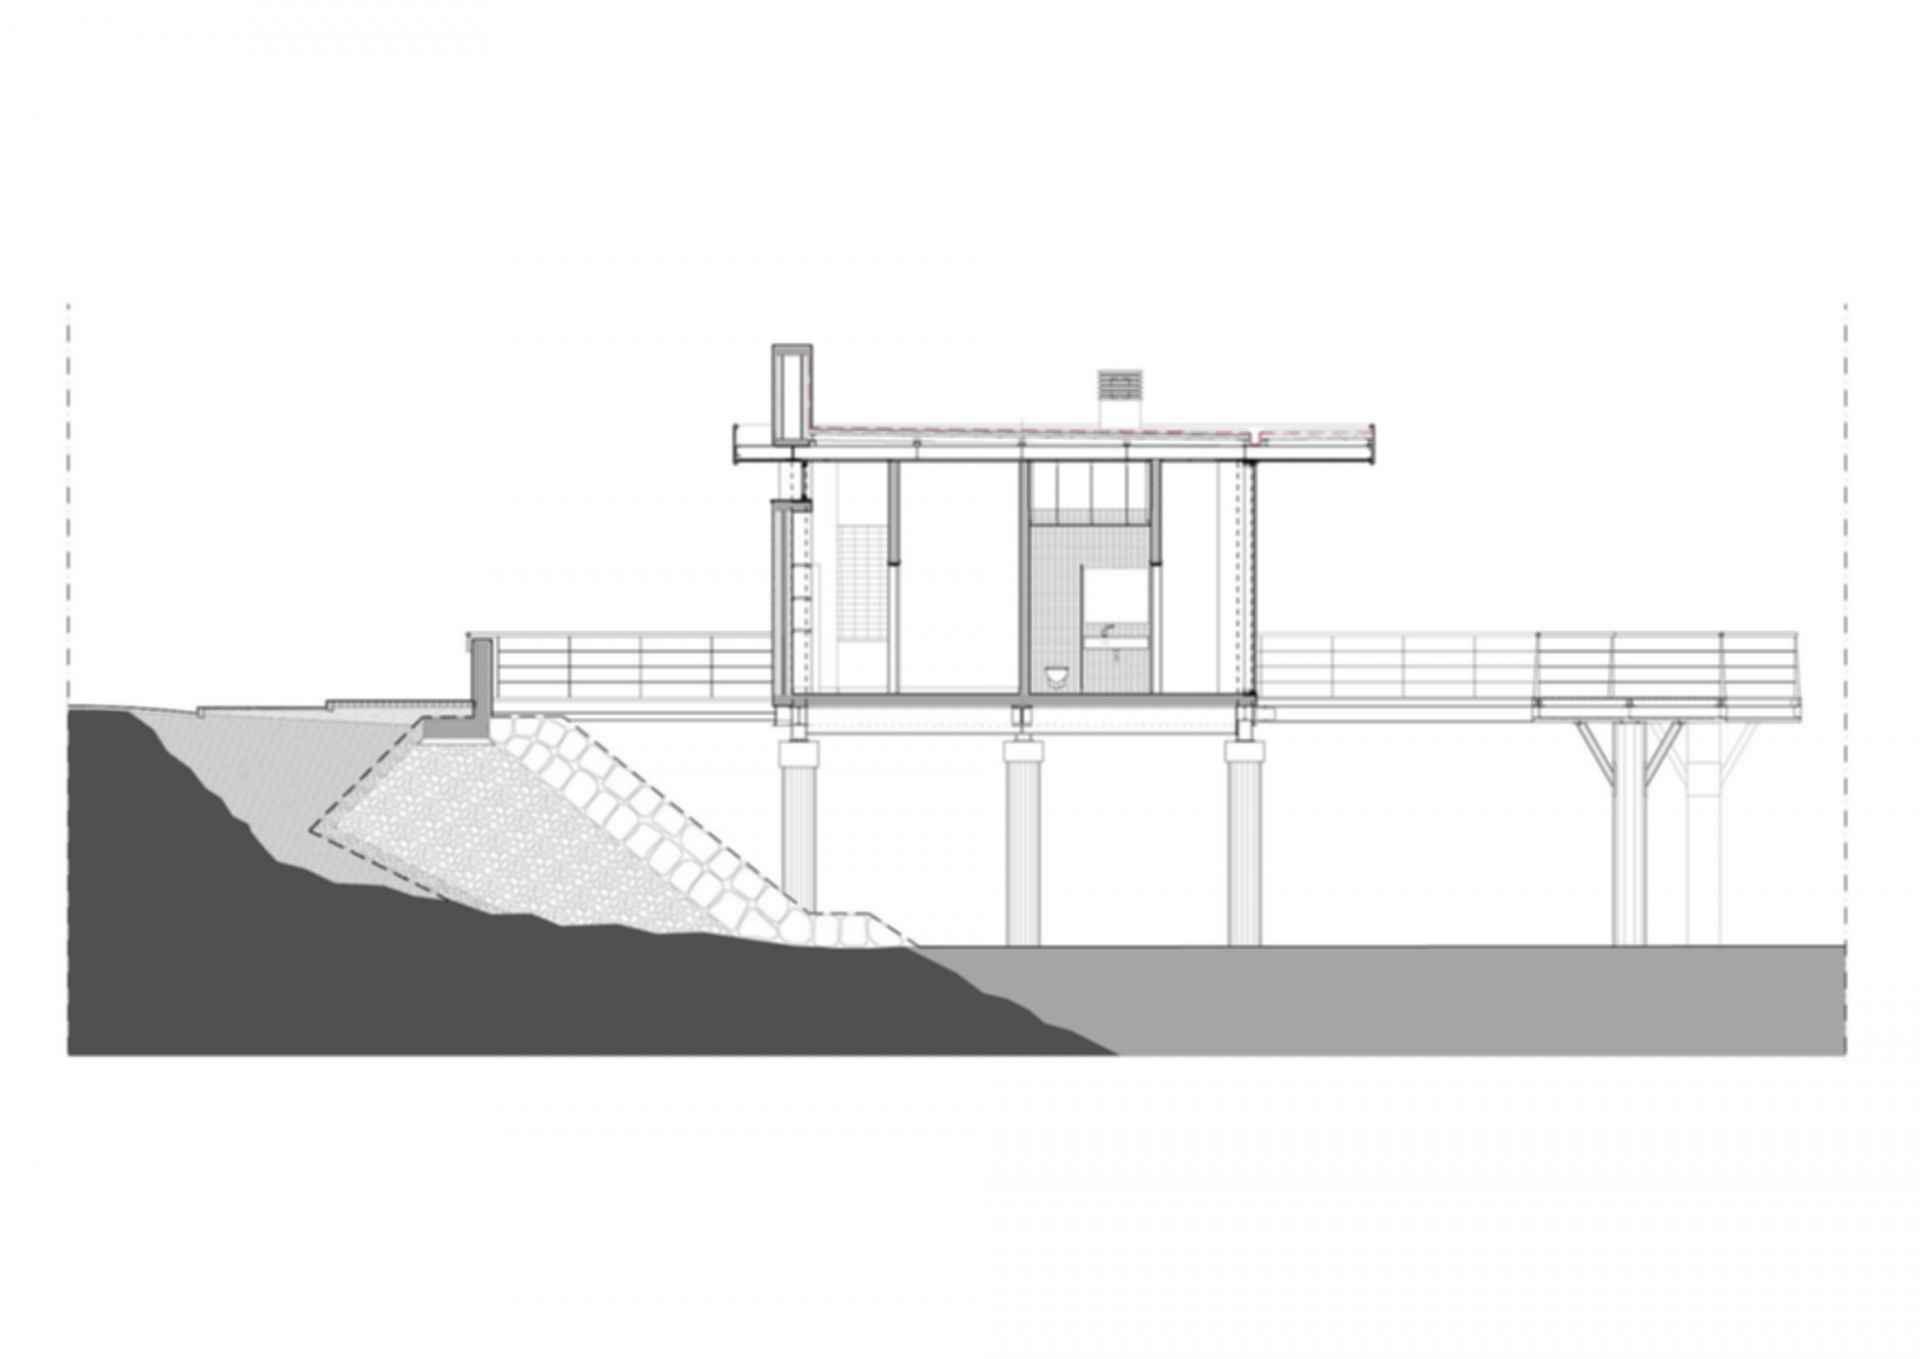 Fluvial and Tourist Quay of Folgosa - Concept Design